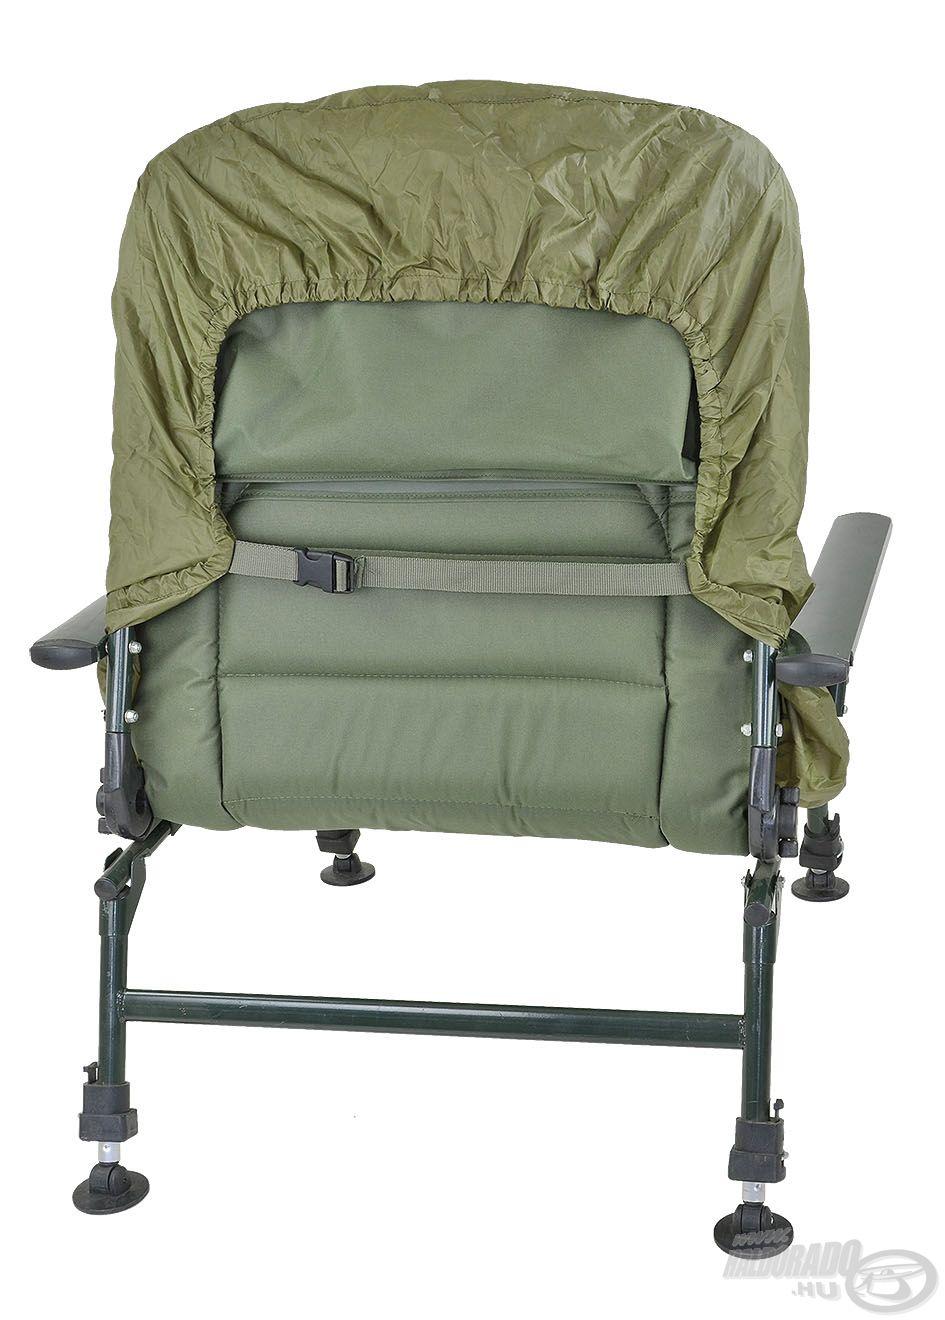 Széles mérethatárok közt állítható szalagokkal és csatokkal van felszerelve, így bármilyen székhez kompatibilis